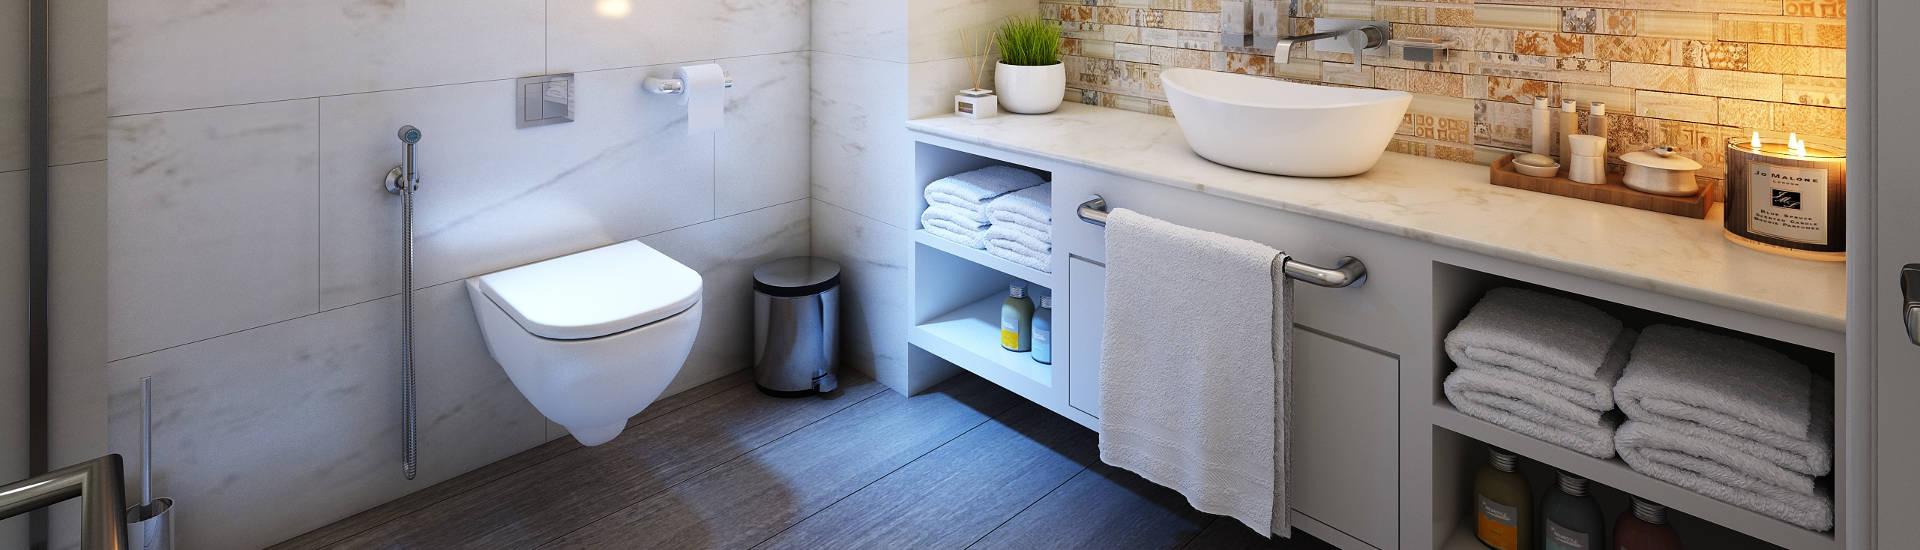 lazienka-z-parkietem Jaka podłoga drewniana do łazienki? - Telefon: 609-370-990